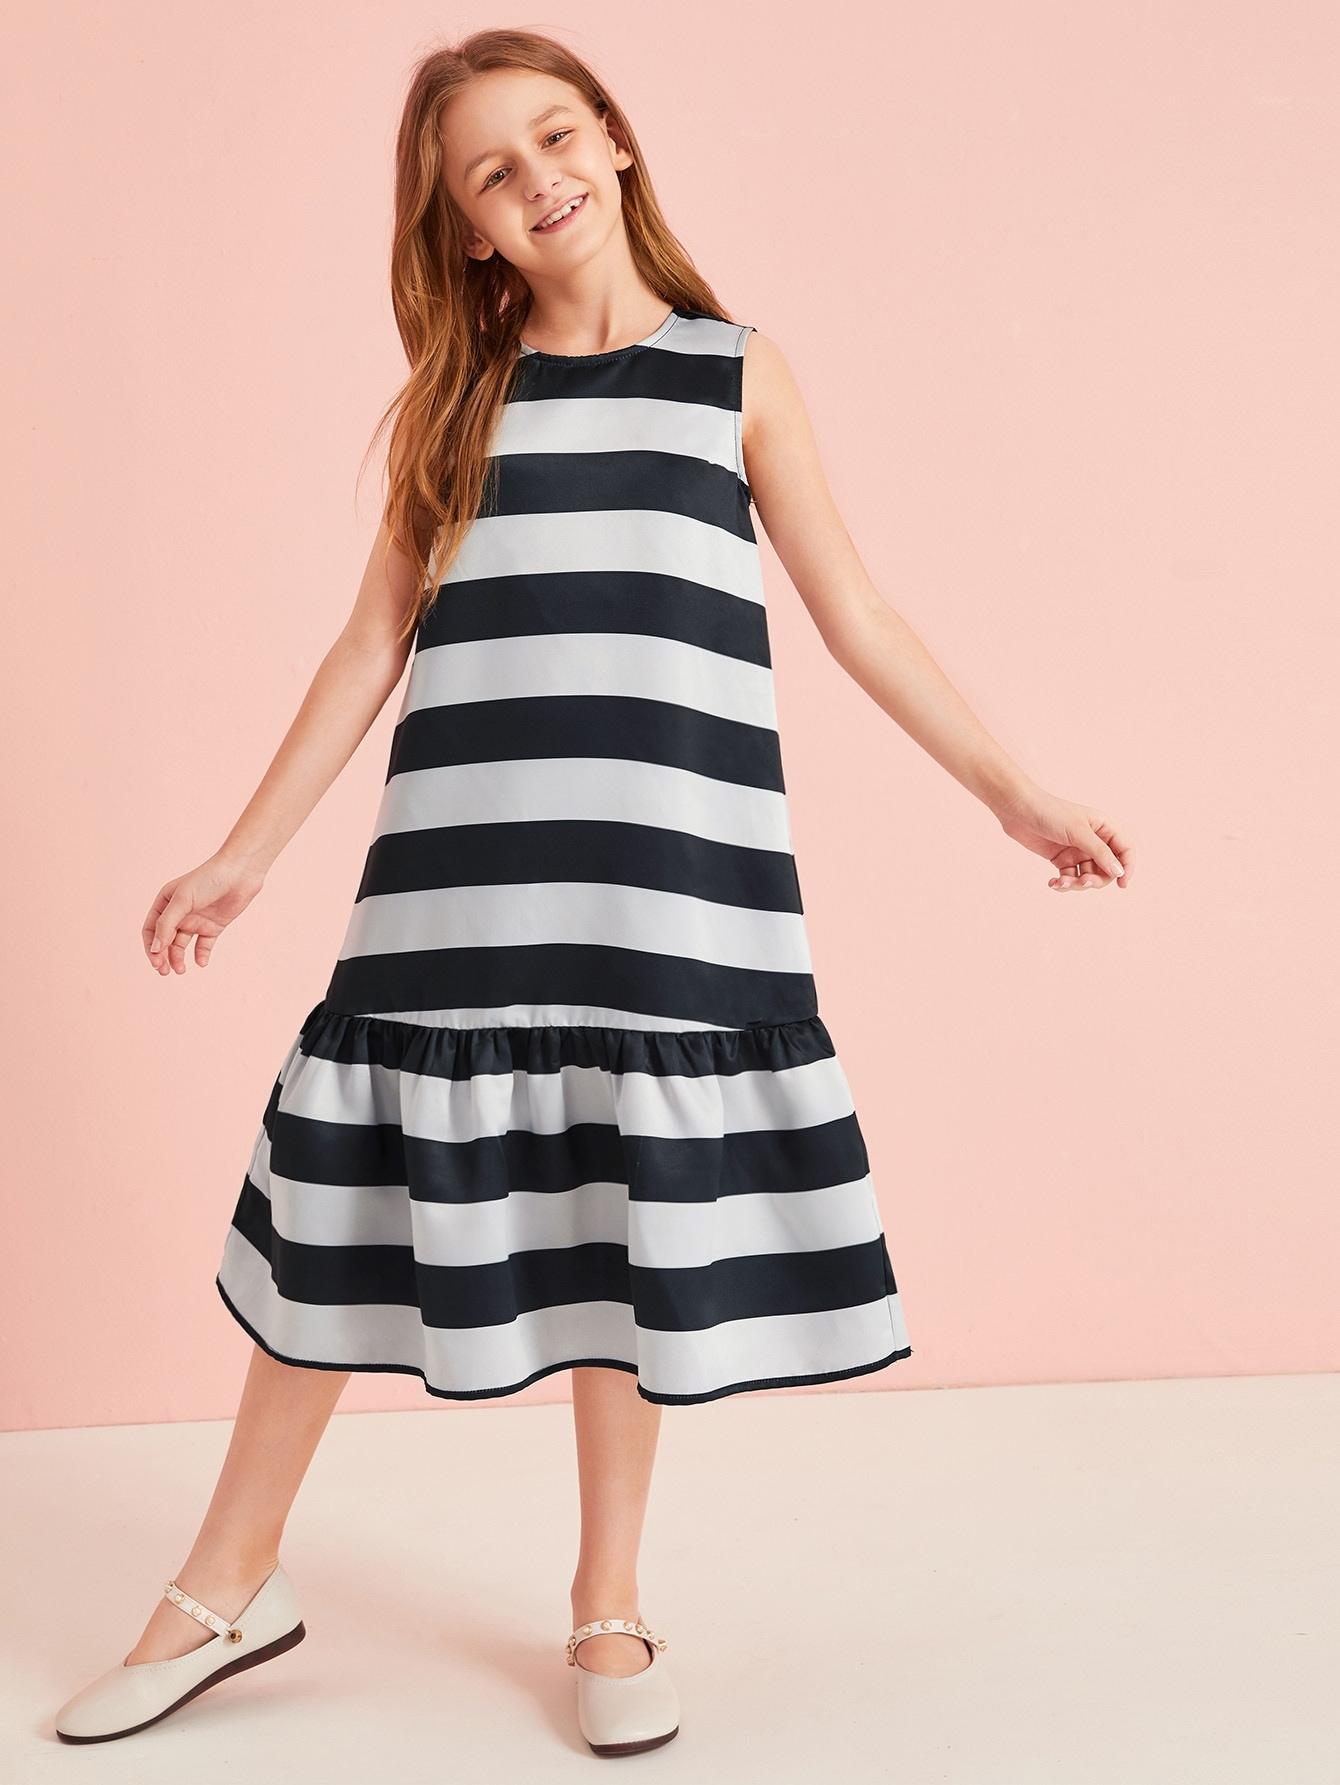 Фото - Полосатое атласное платье без рукавов для девочек от SheIn цвет чёрнобелые